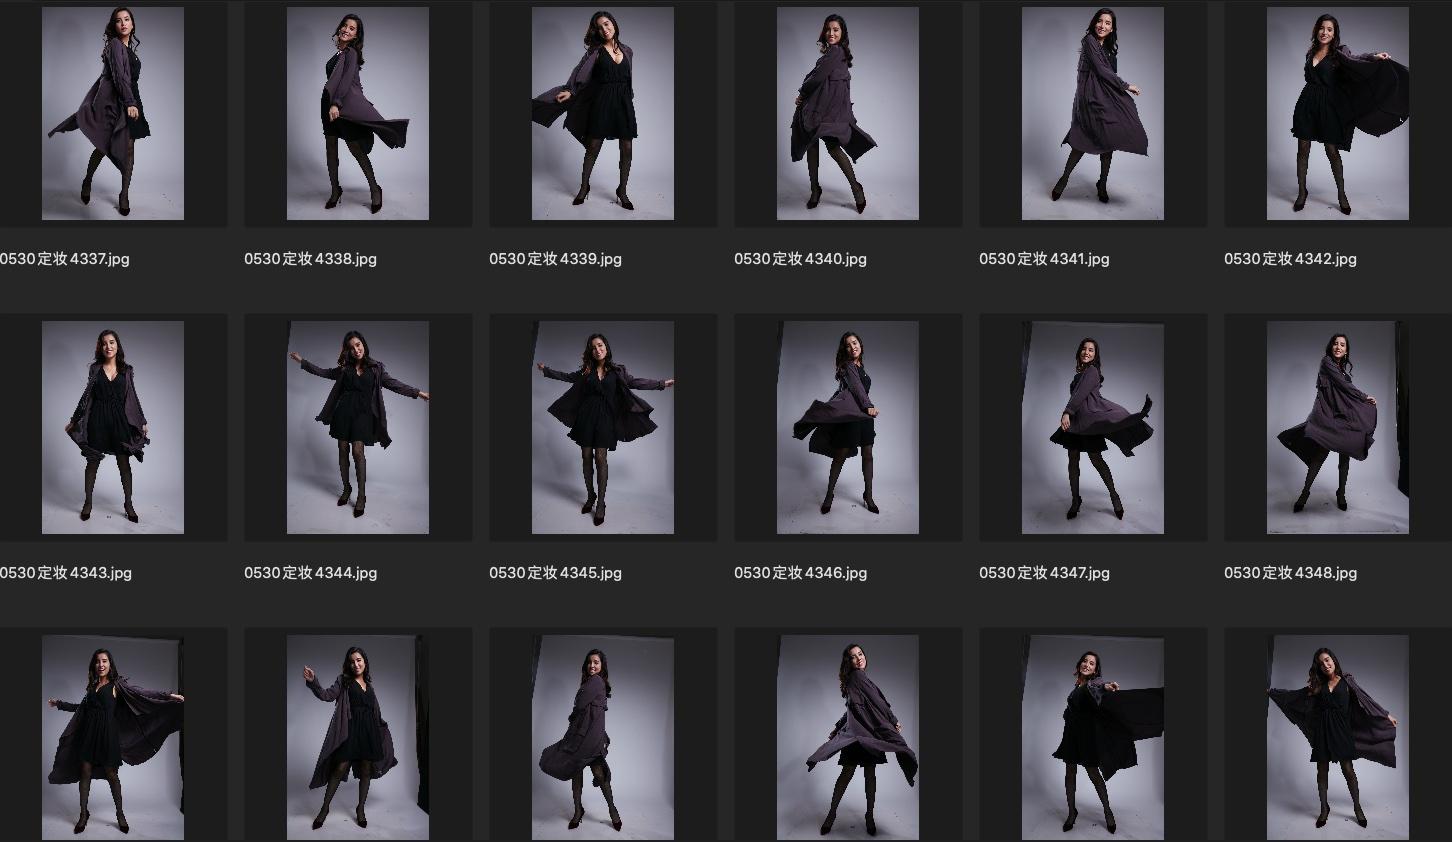 人像修图JPG图片素材 某模特定妆照生图第2组 收集整理 第3张